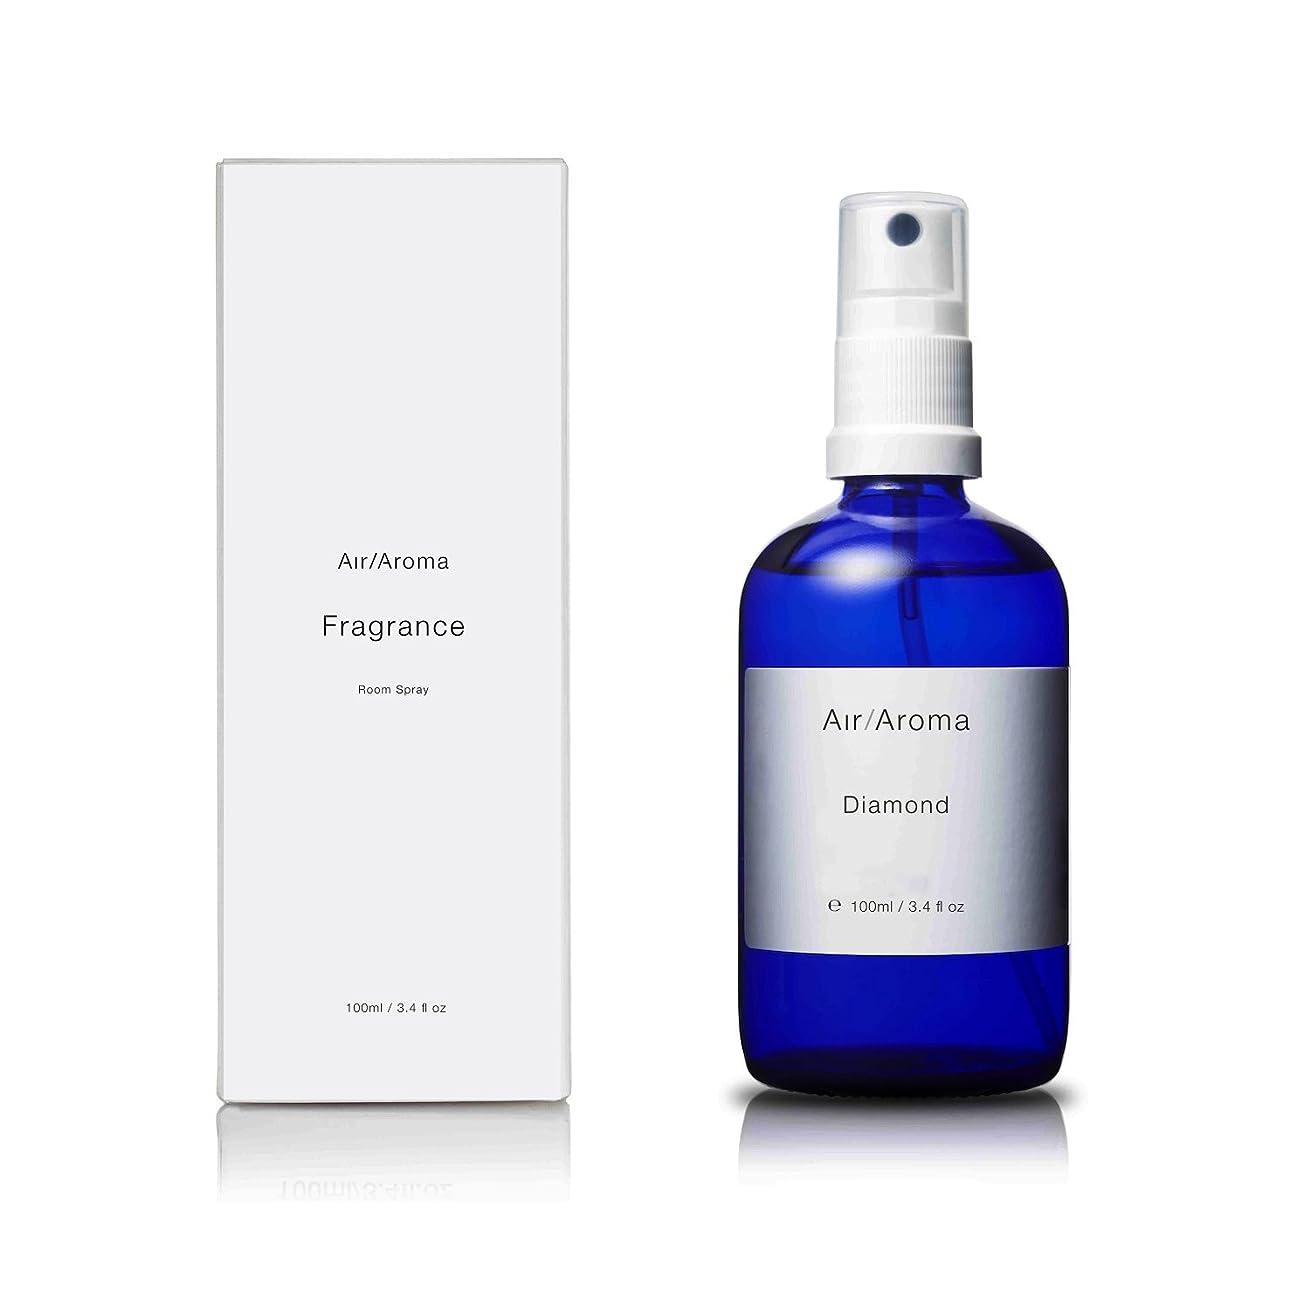 ホステス指令手首エアアロマ diamond room fragrance (ダイアモンド ルームフレグランス) 100ml